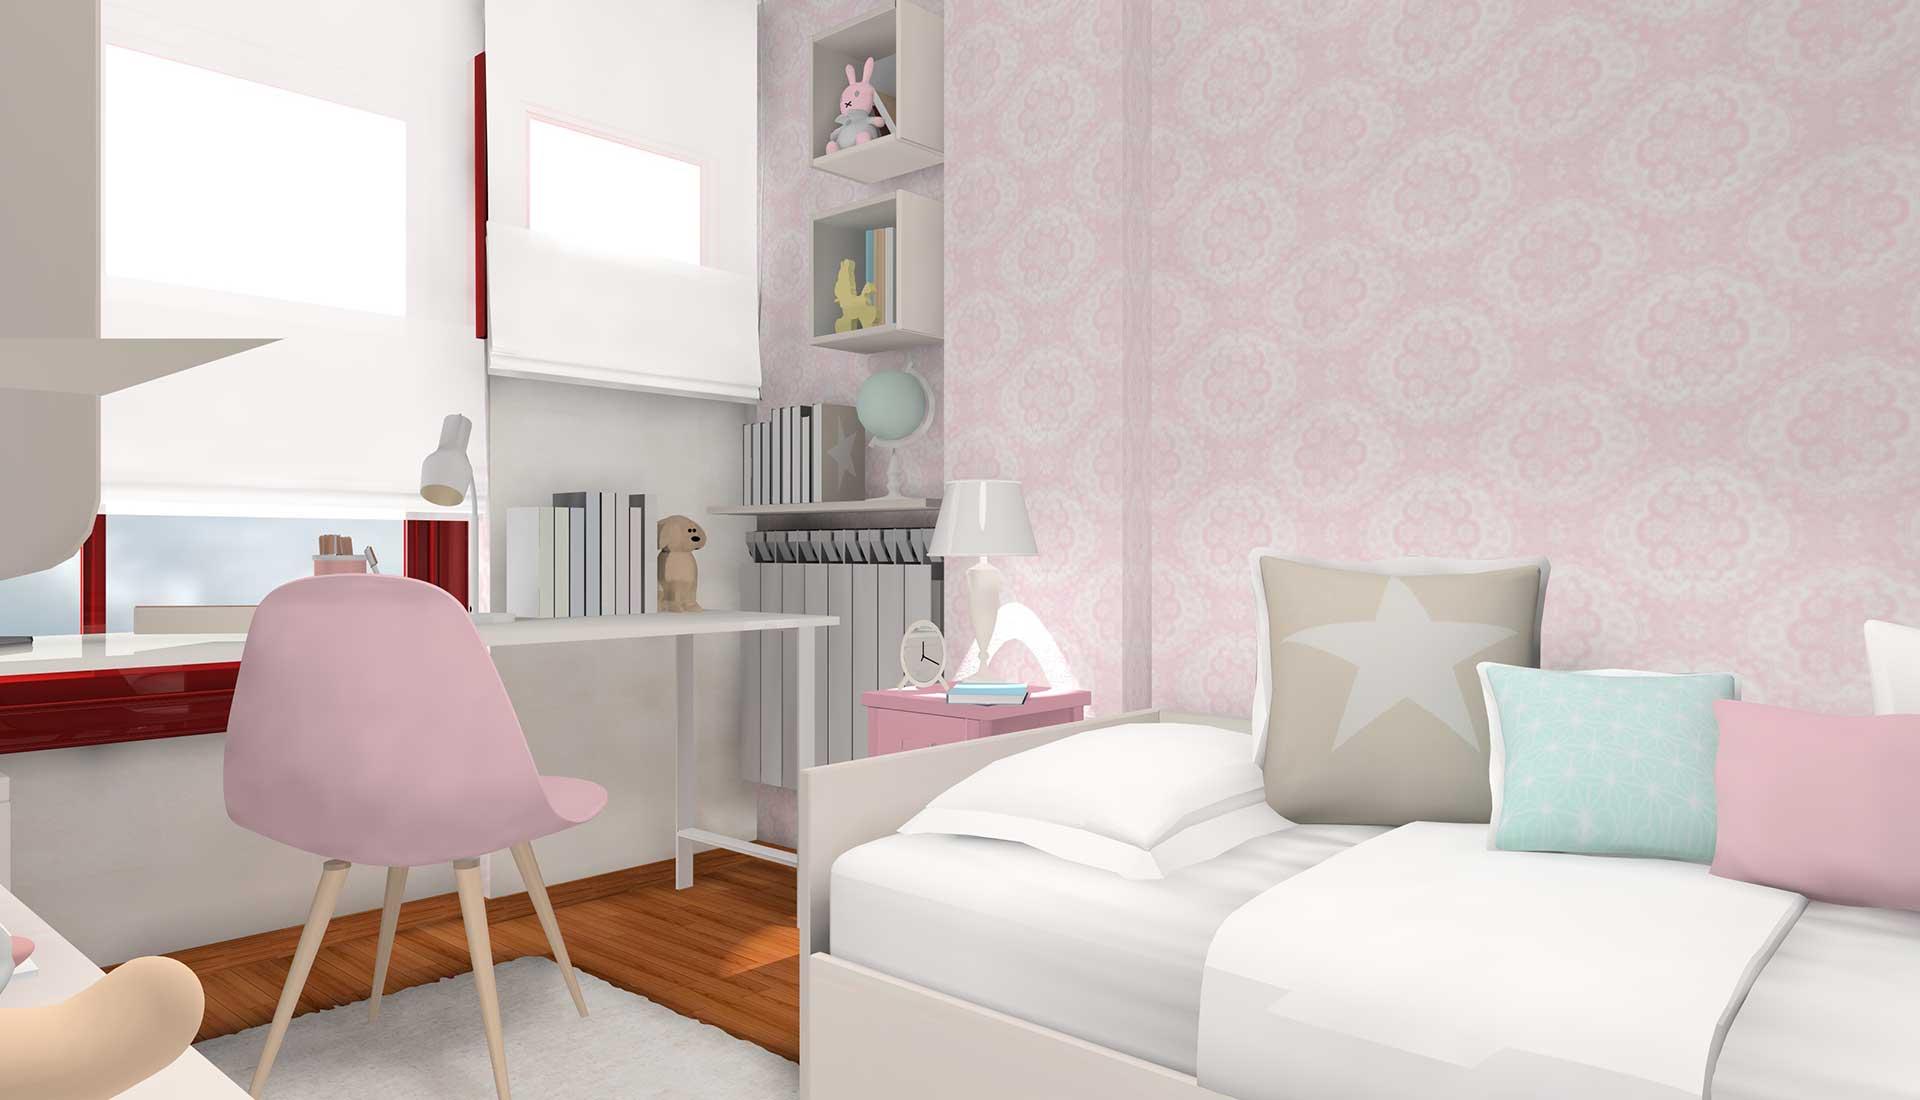 decoracion de interiores la moraleja dormitorio juvenil